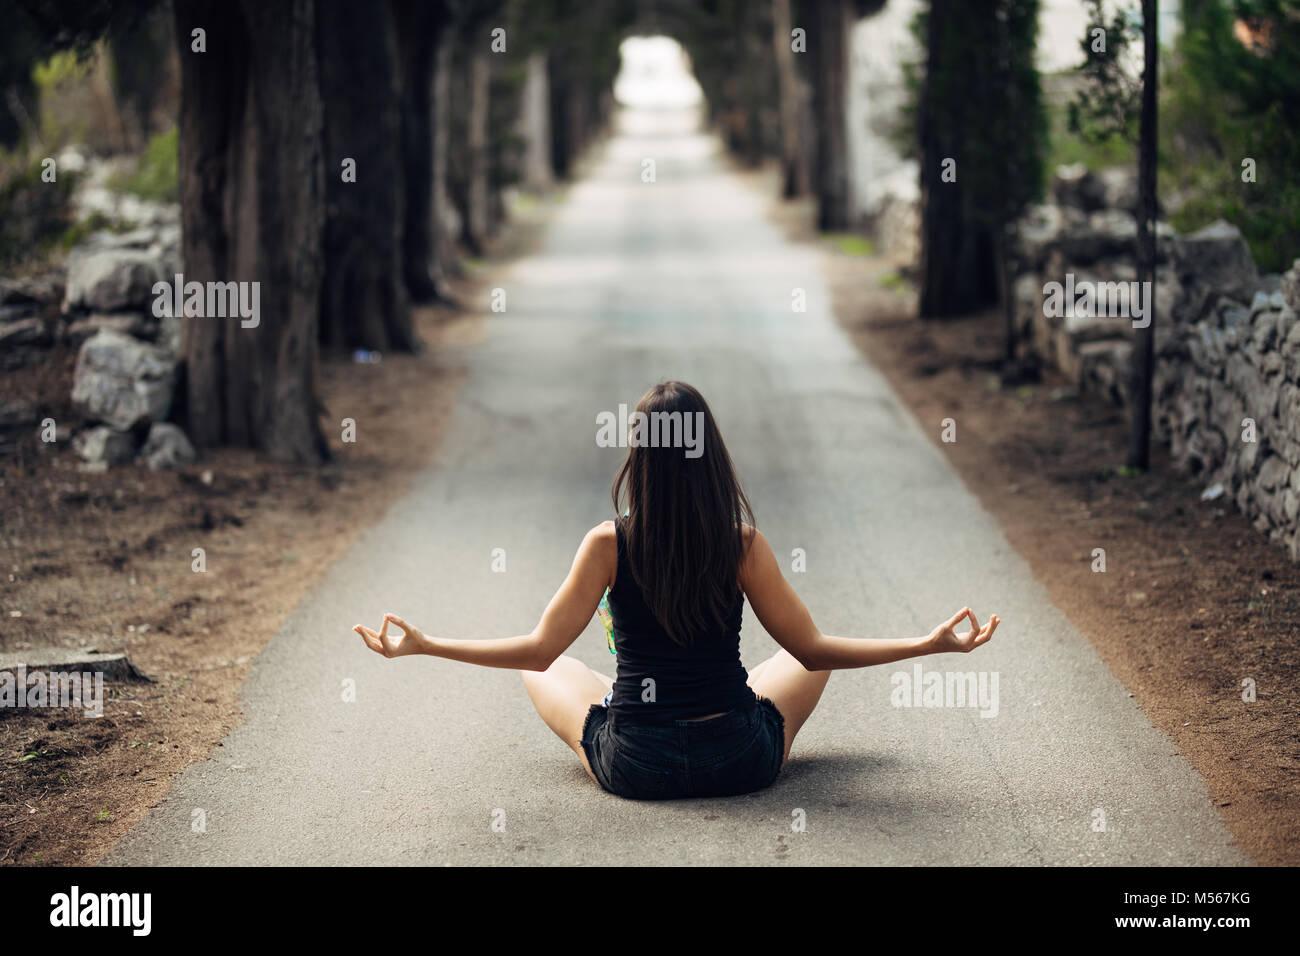 Calma despreocupada mujer meditando en la naturaleza.encontrar paz interior.La práctica del Yoga.La curación Imagen De Stock